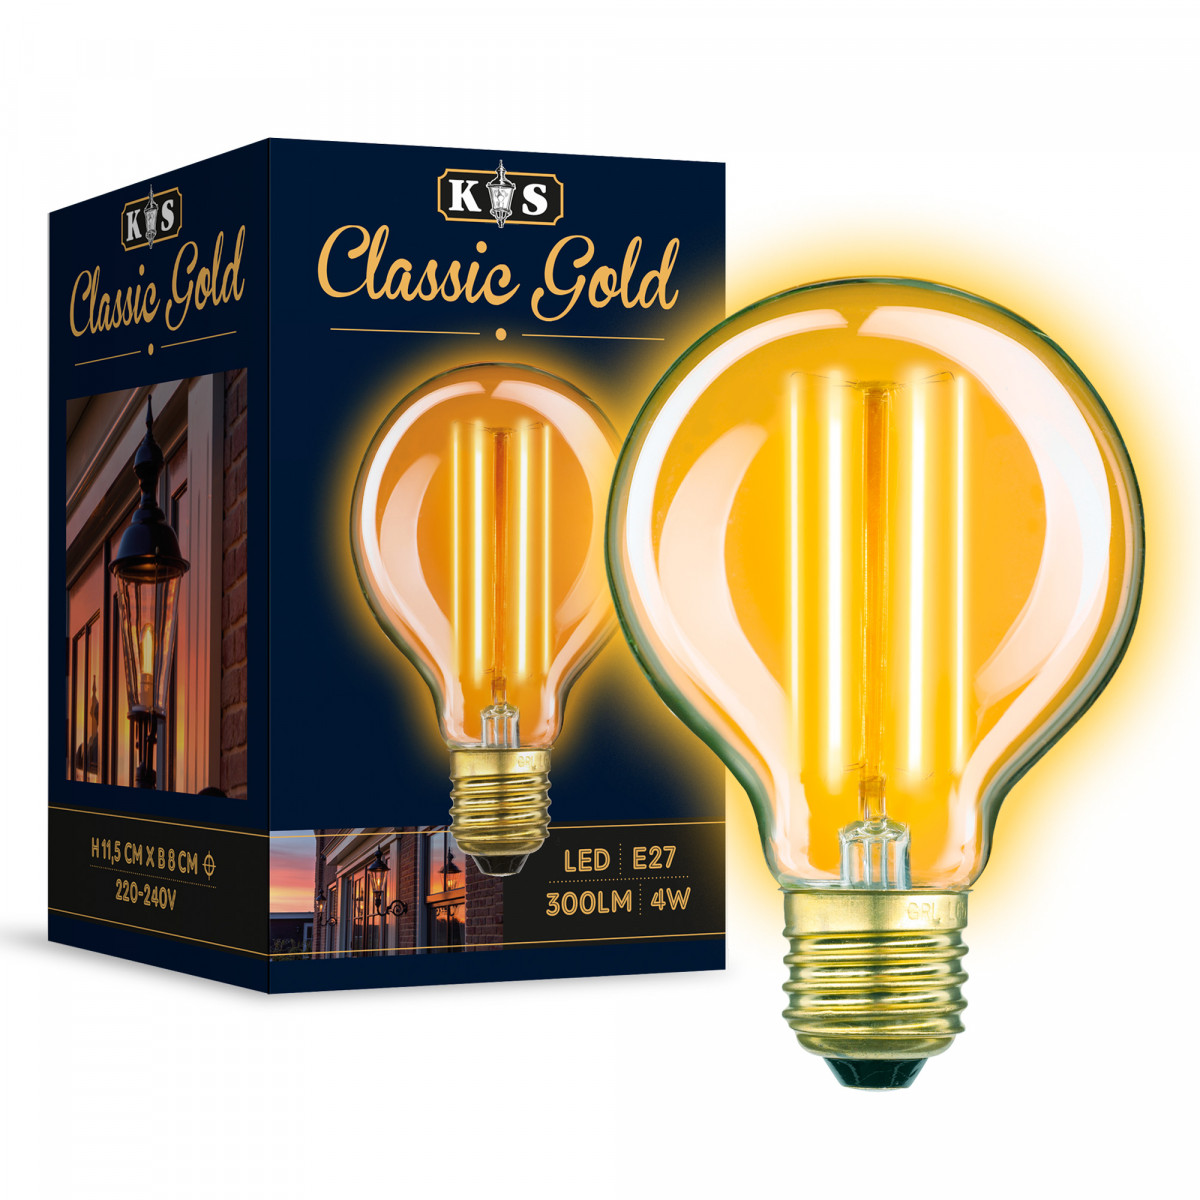 LED Lamp Classic Gold Globe 4W